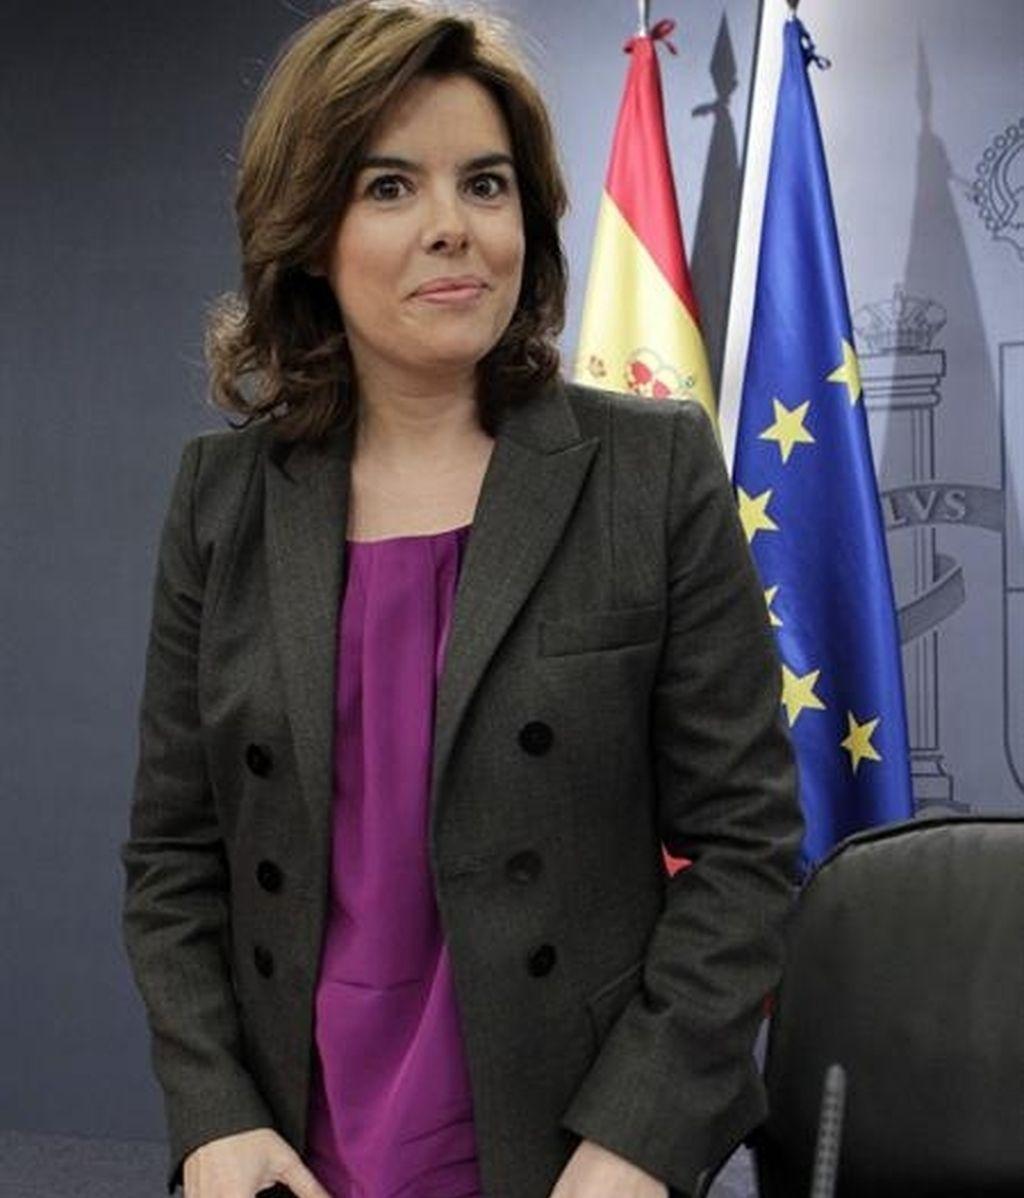 Soraya Saenz de Santamaría